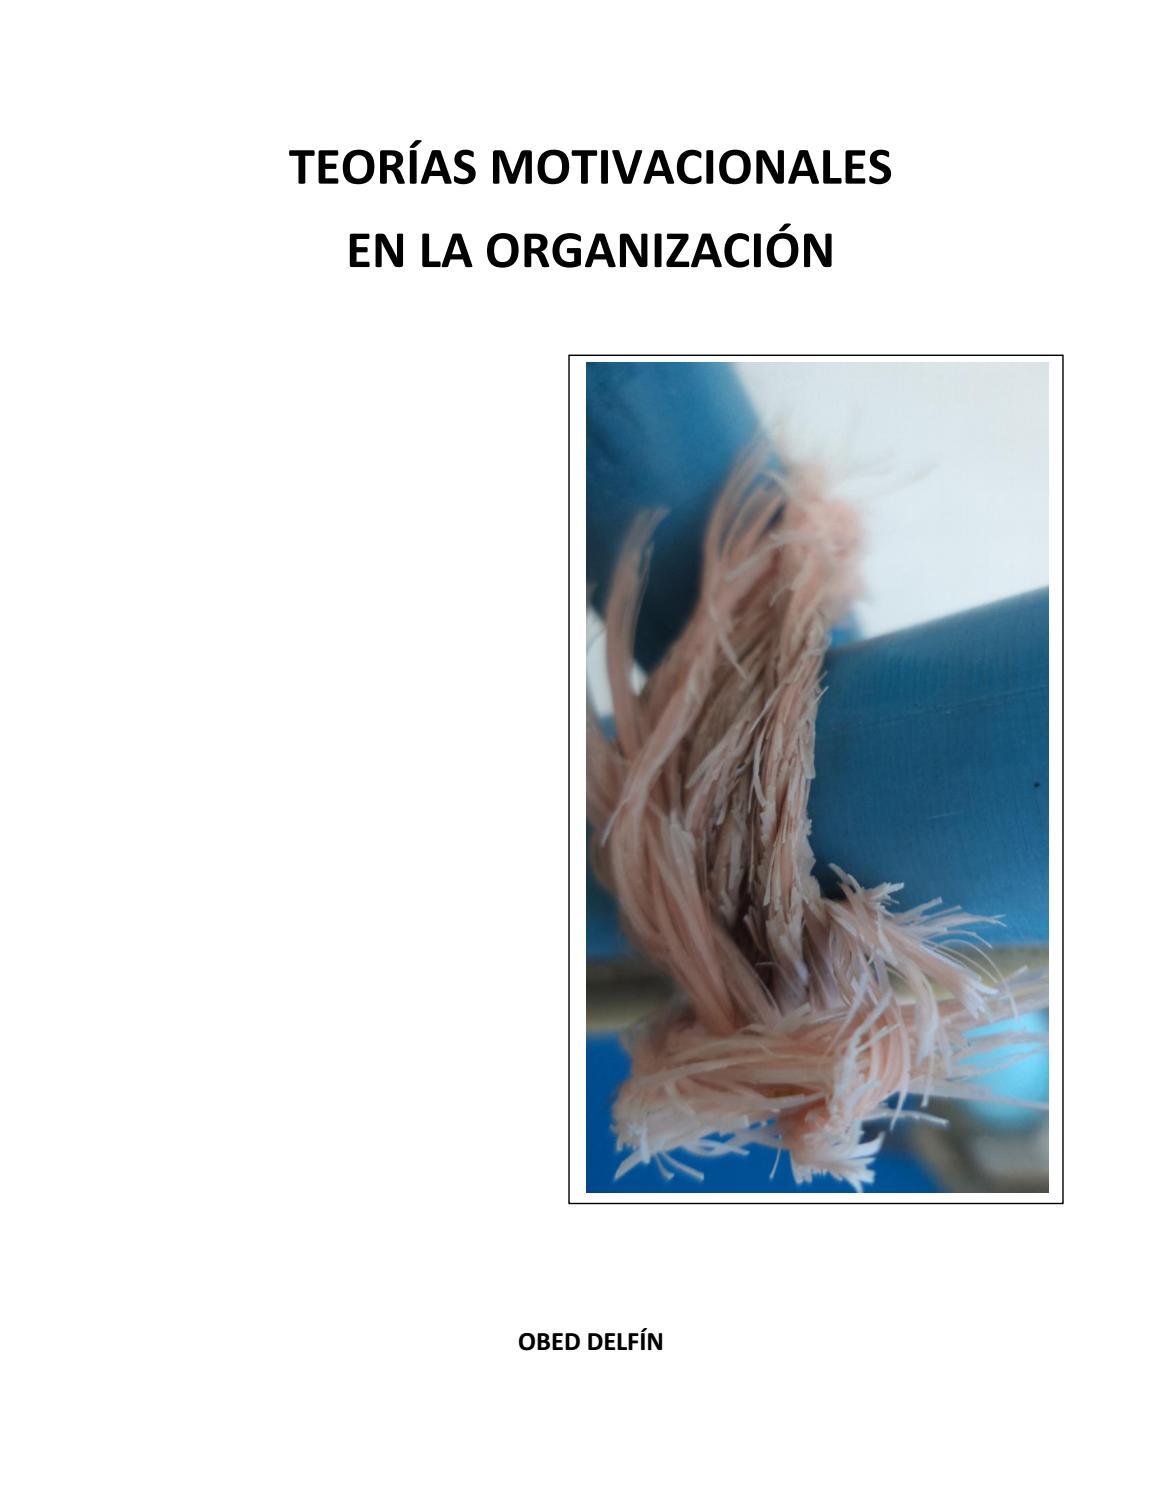 Teorías Motivacionales En La Organización By Obed Delfin Issuu